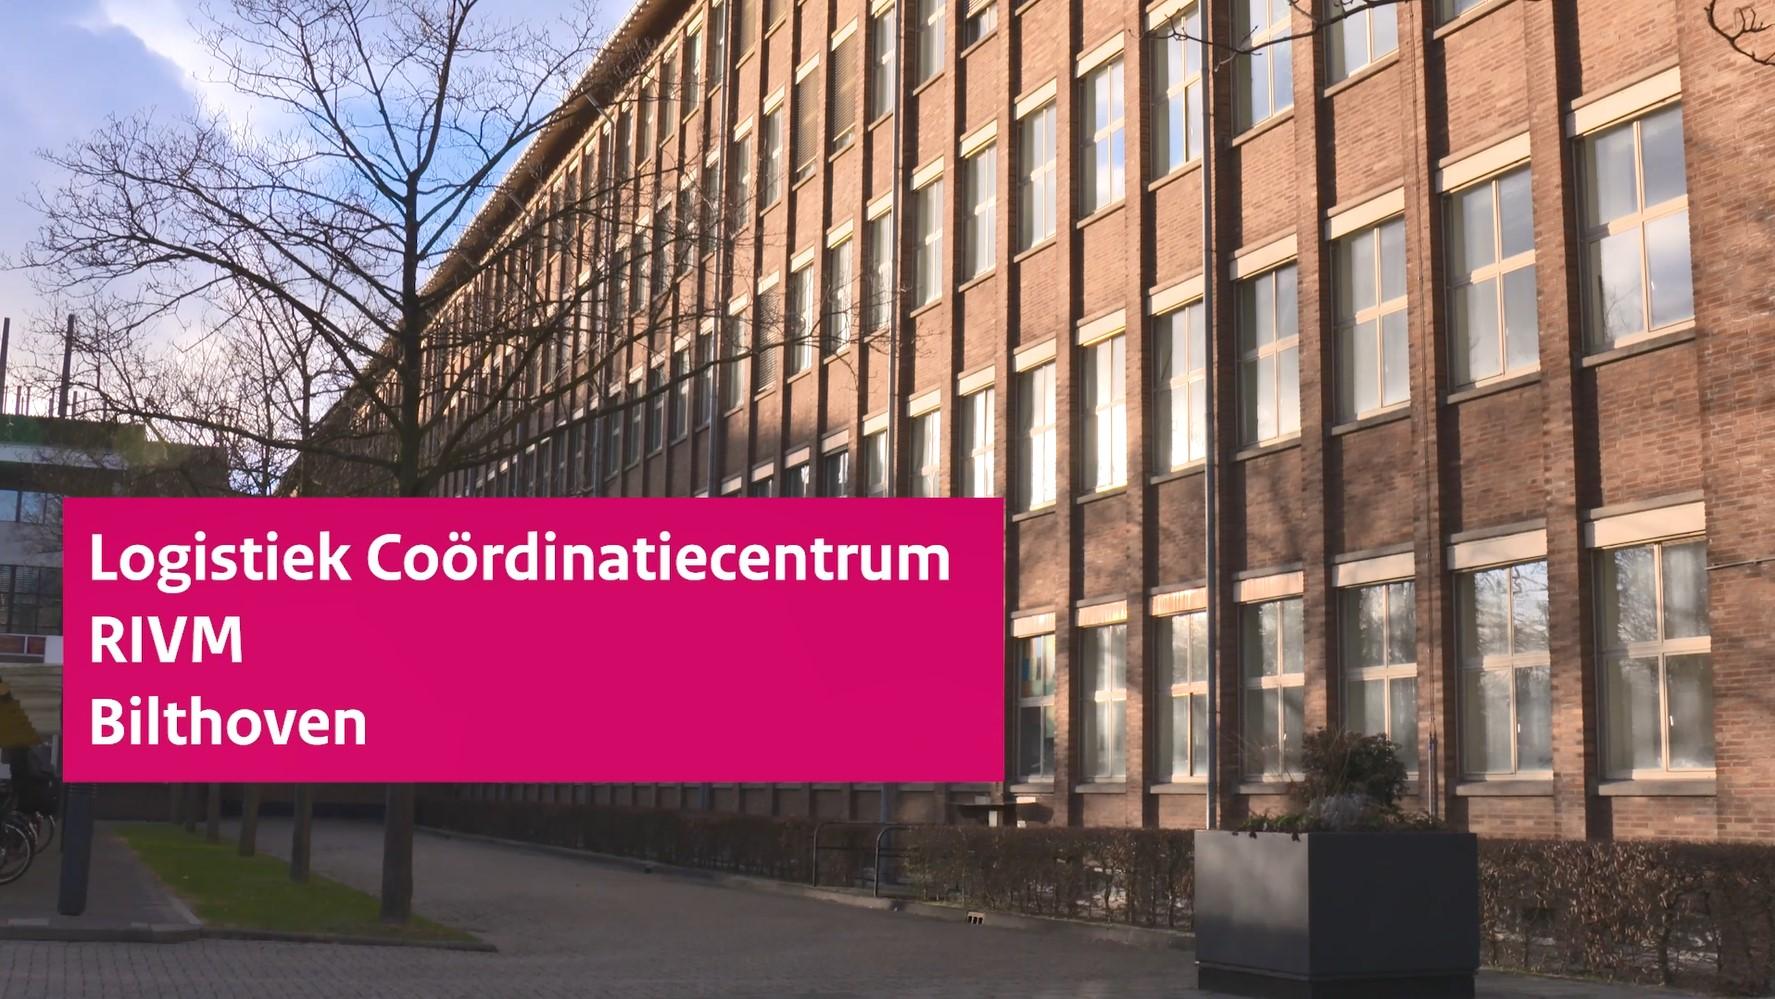 Video 'Logistiek Coördinatiecentrum RIVM'